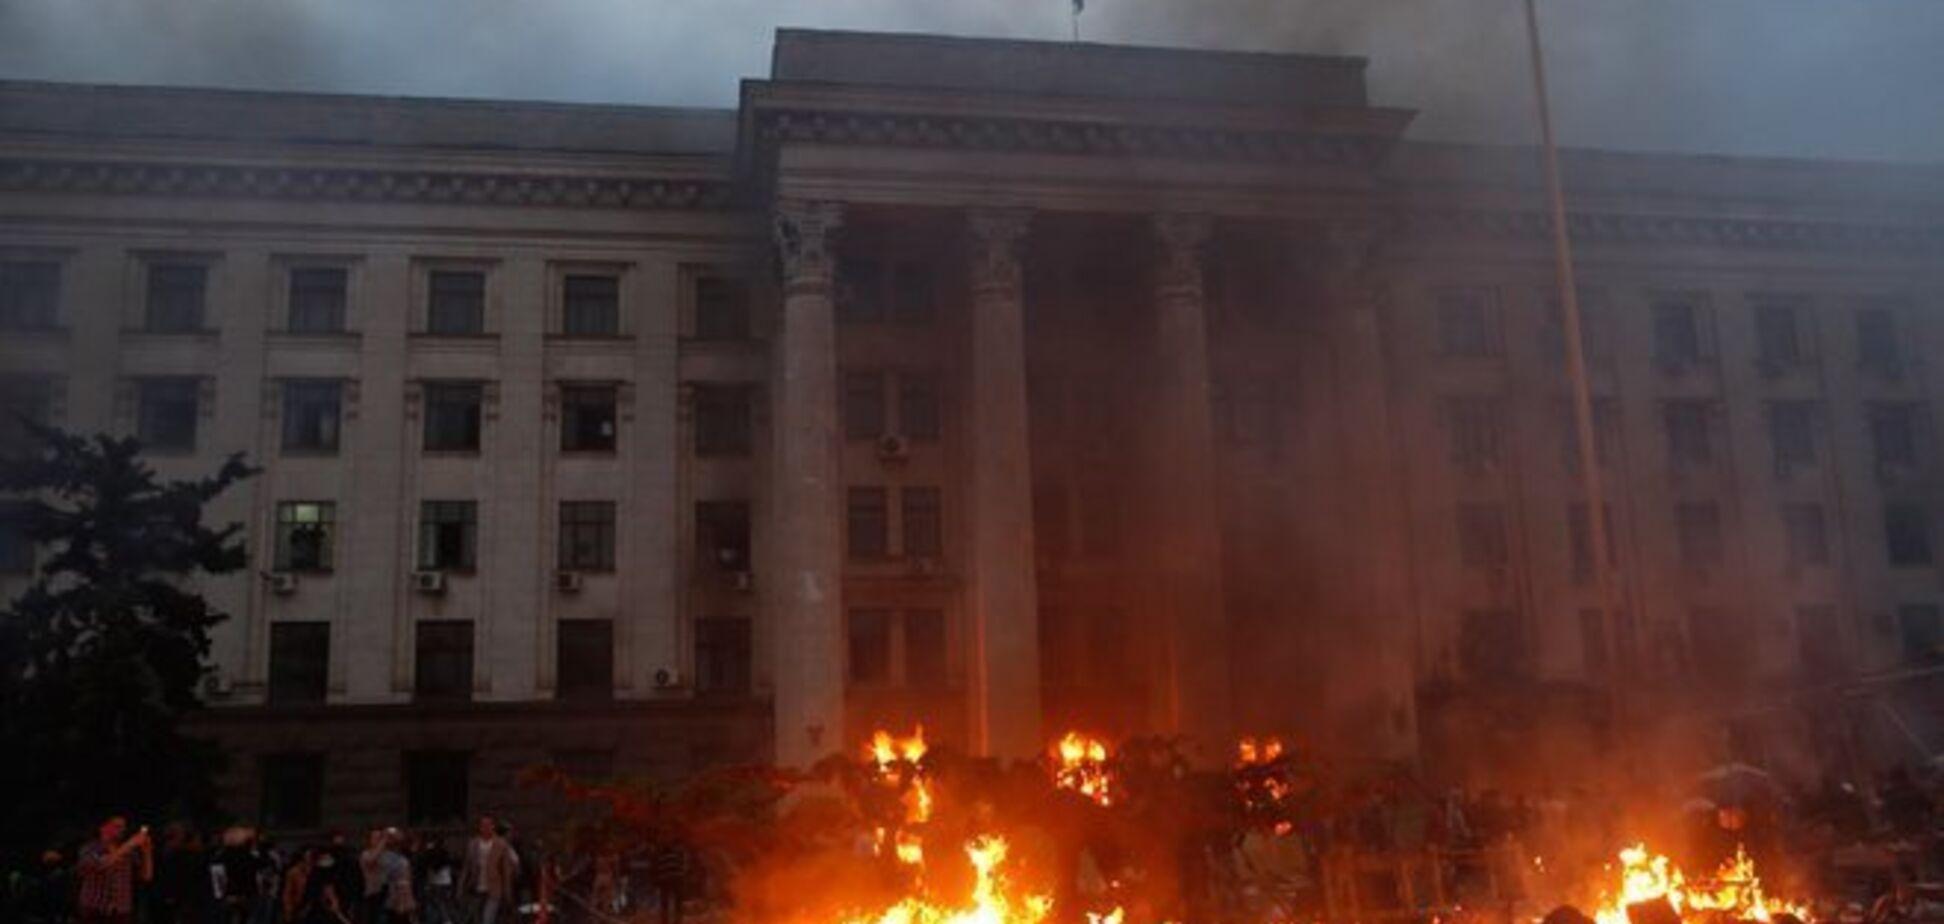 МВД завершило расследование событий трагедии в Одессе 2 мая